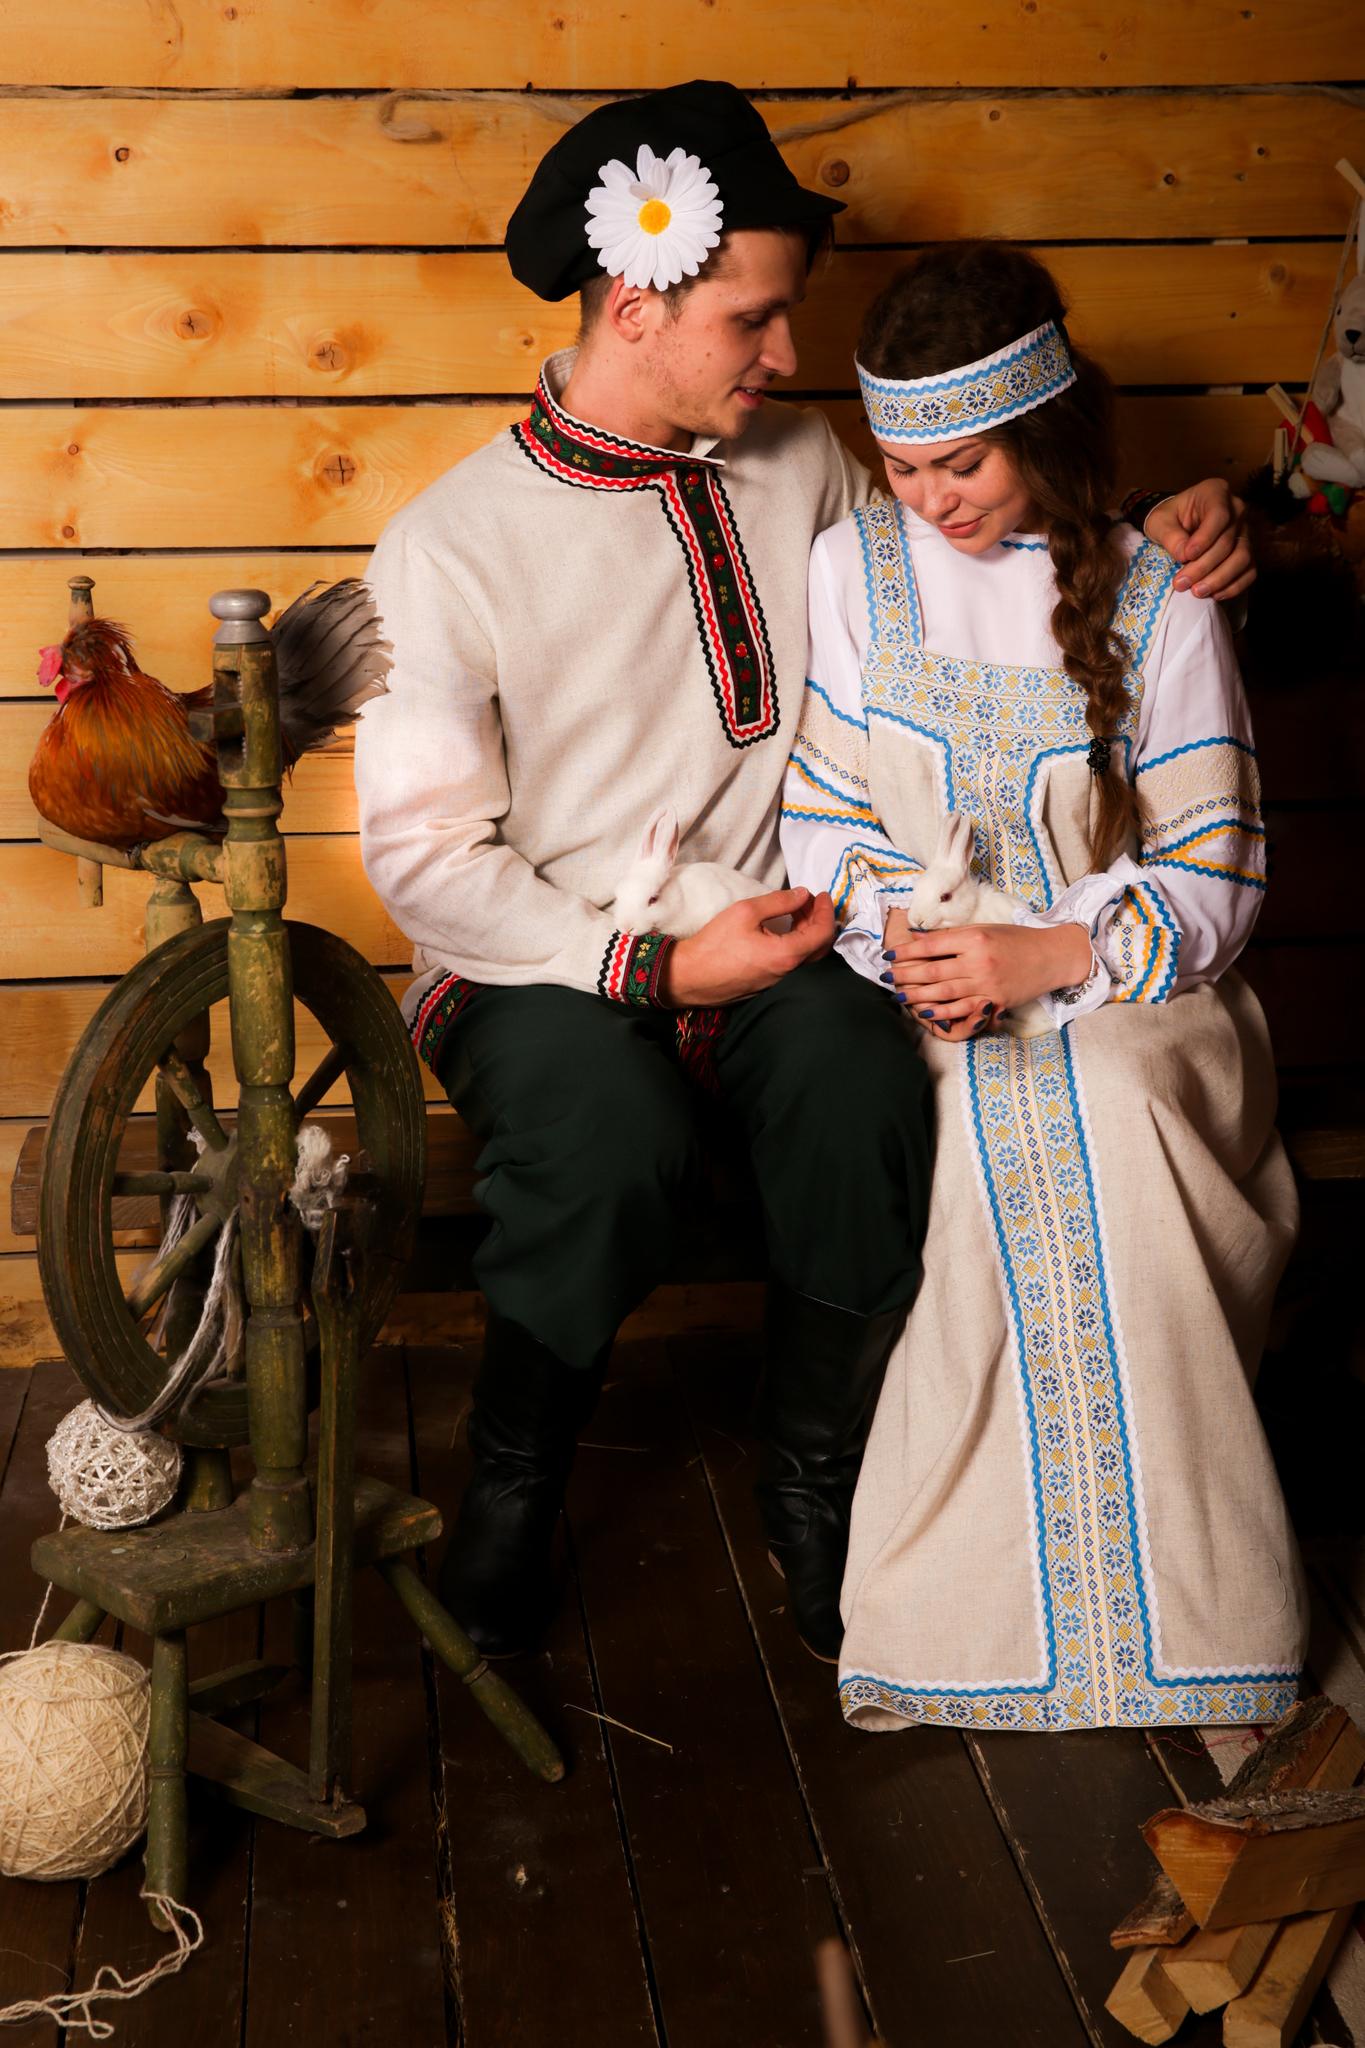 русский народный костюм Иванка от Костюм Шоу пара